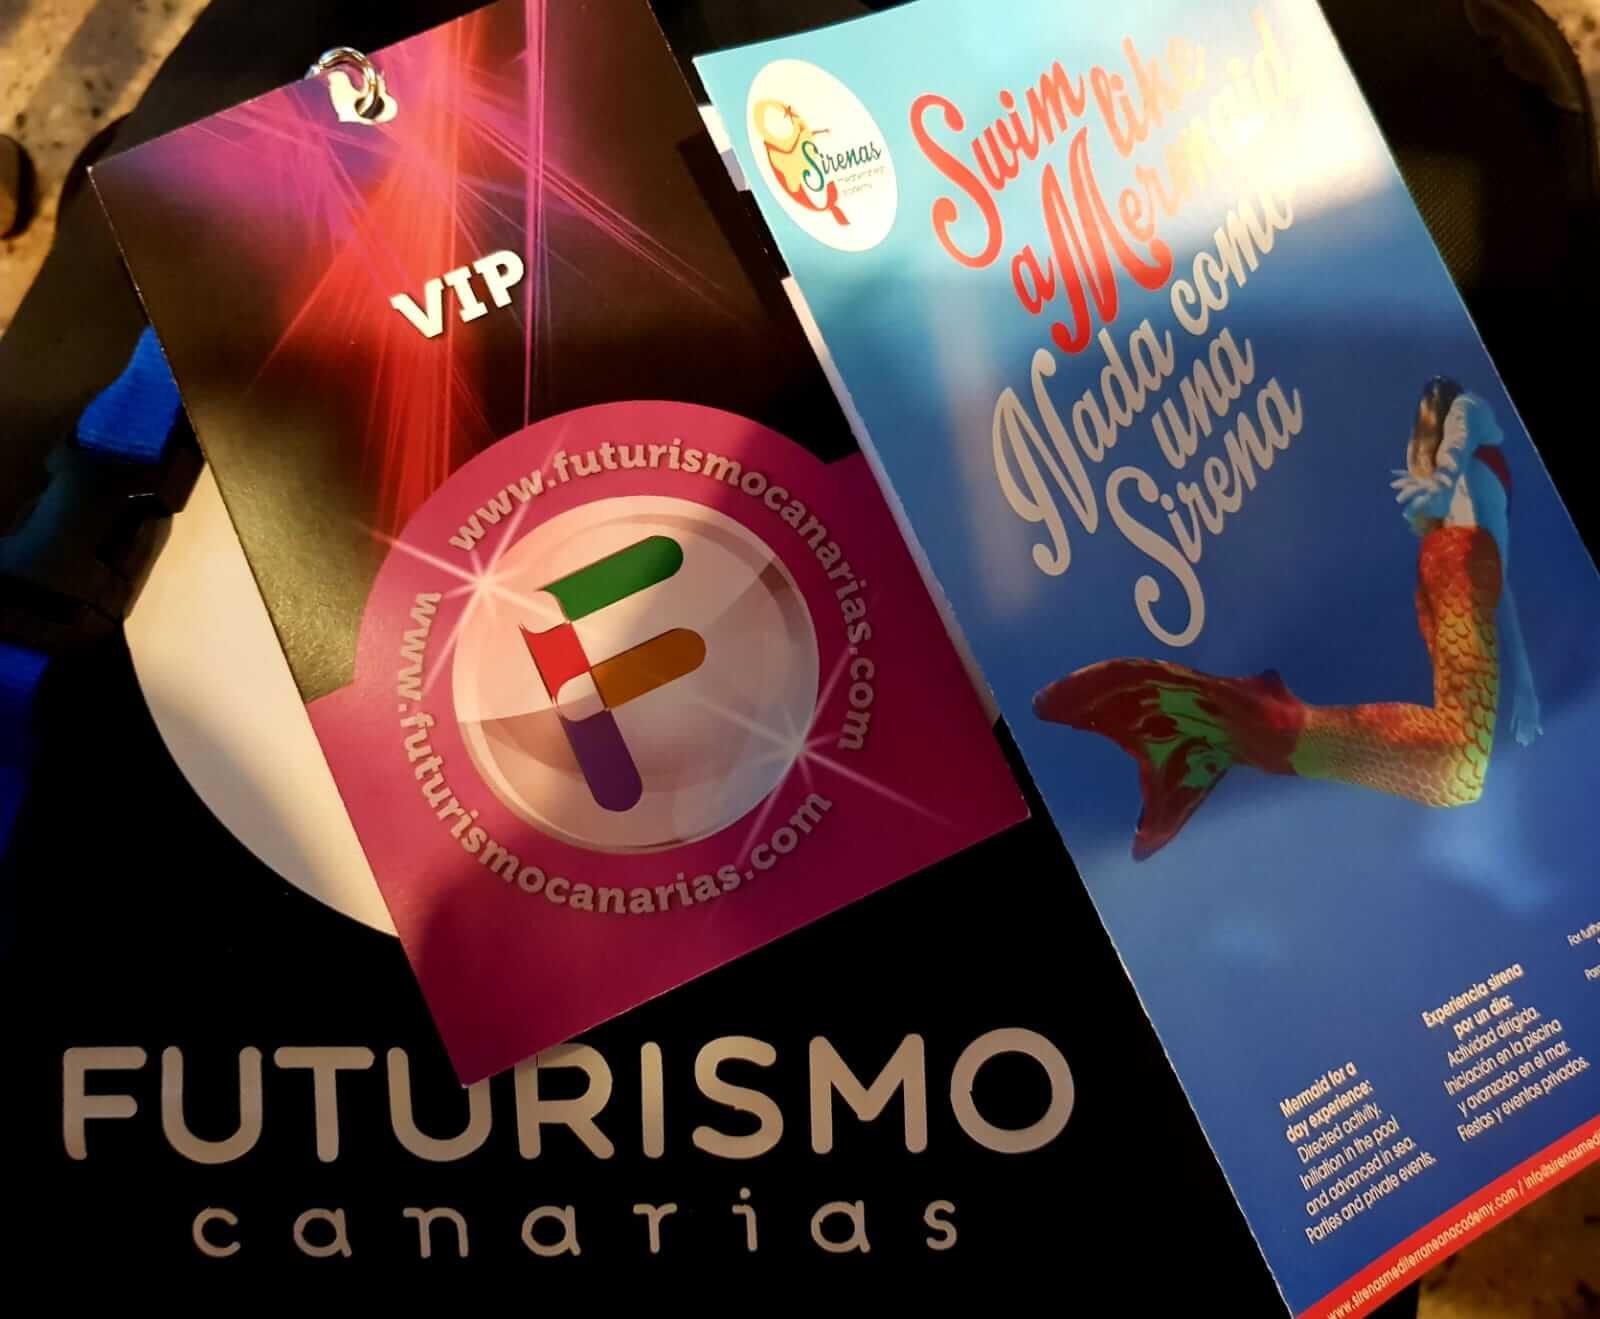 Sirenas en Futurismo Canarias